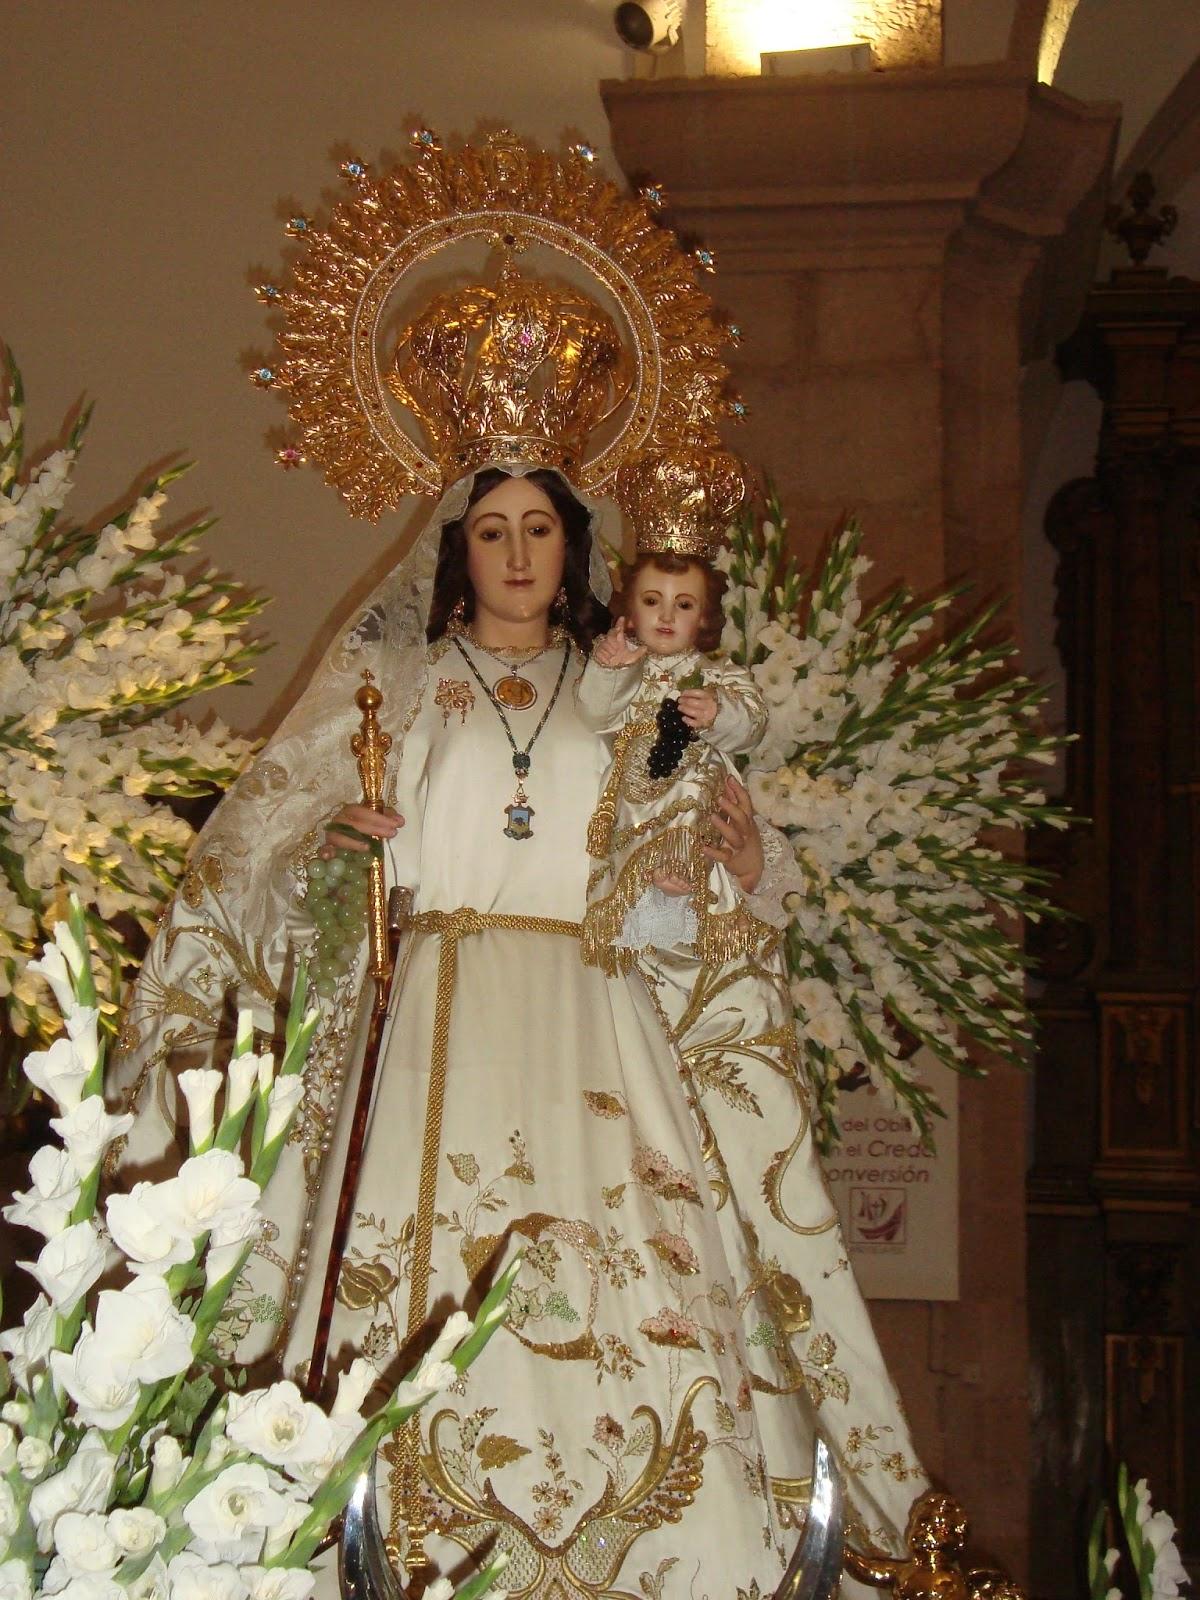 Criptana Nuestra Patrona Procesión De La Stma Virgen De Las Viñas Tomelloso 2013